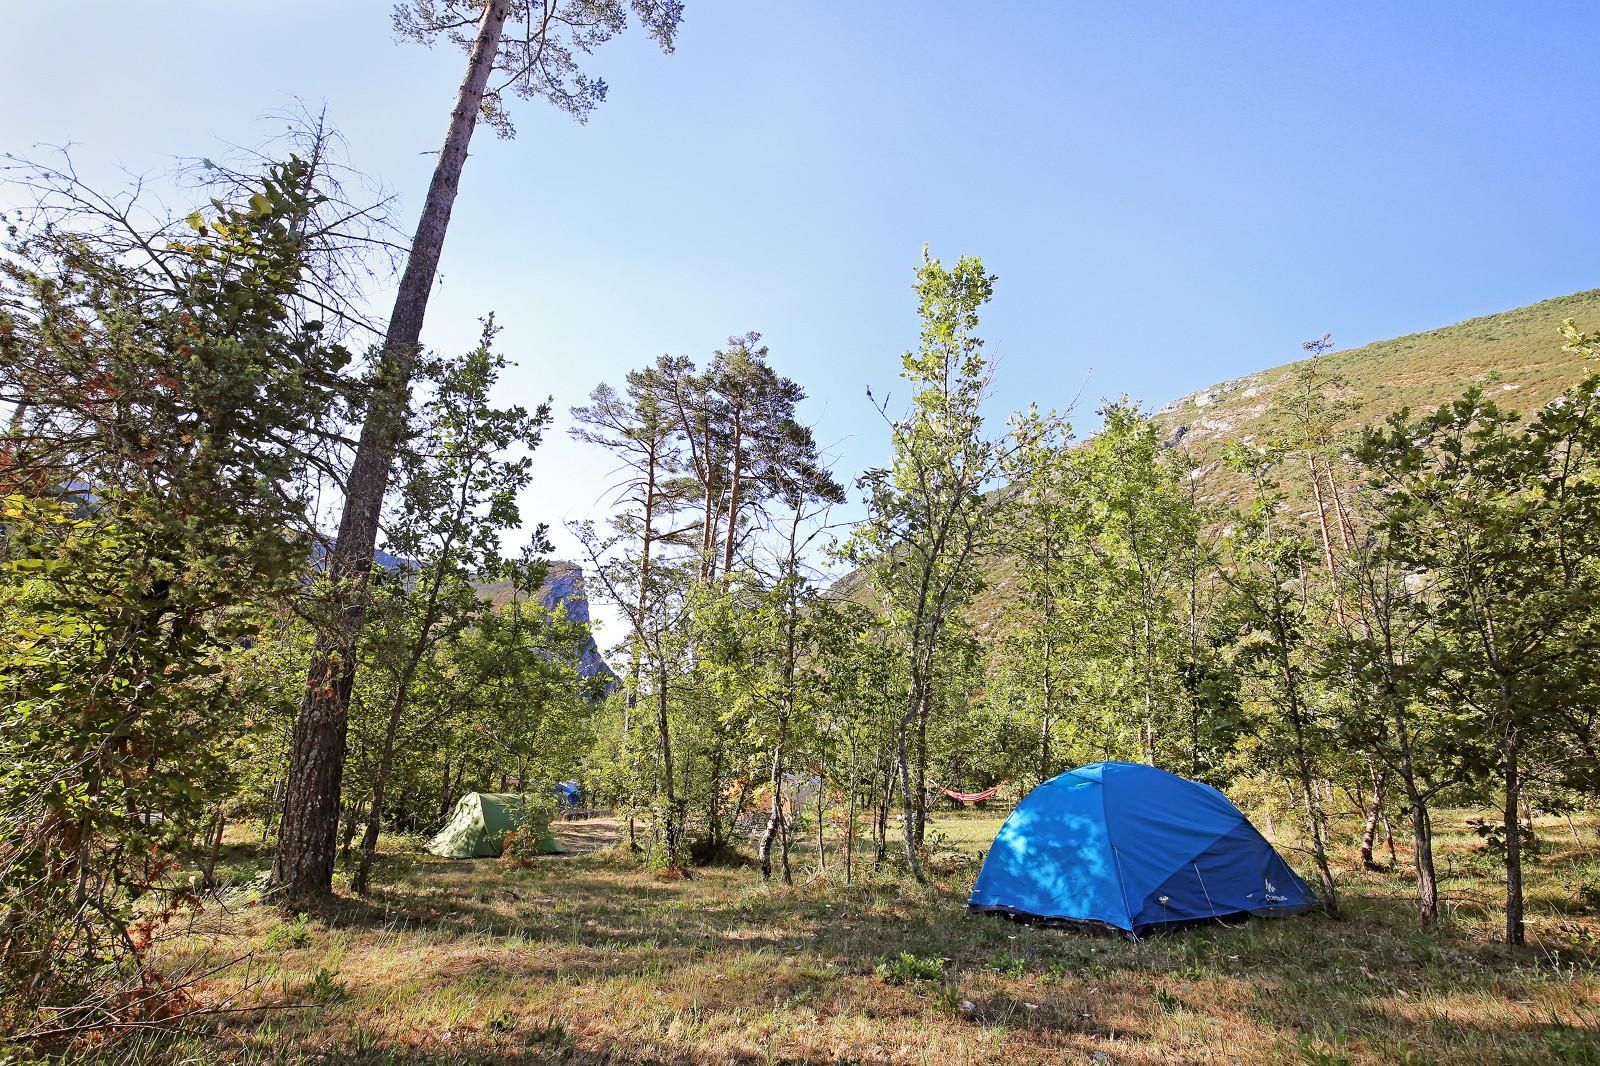 Emplacement - Emplacement Camping Confort - Huttopia Gorges du Verdon